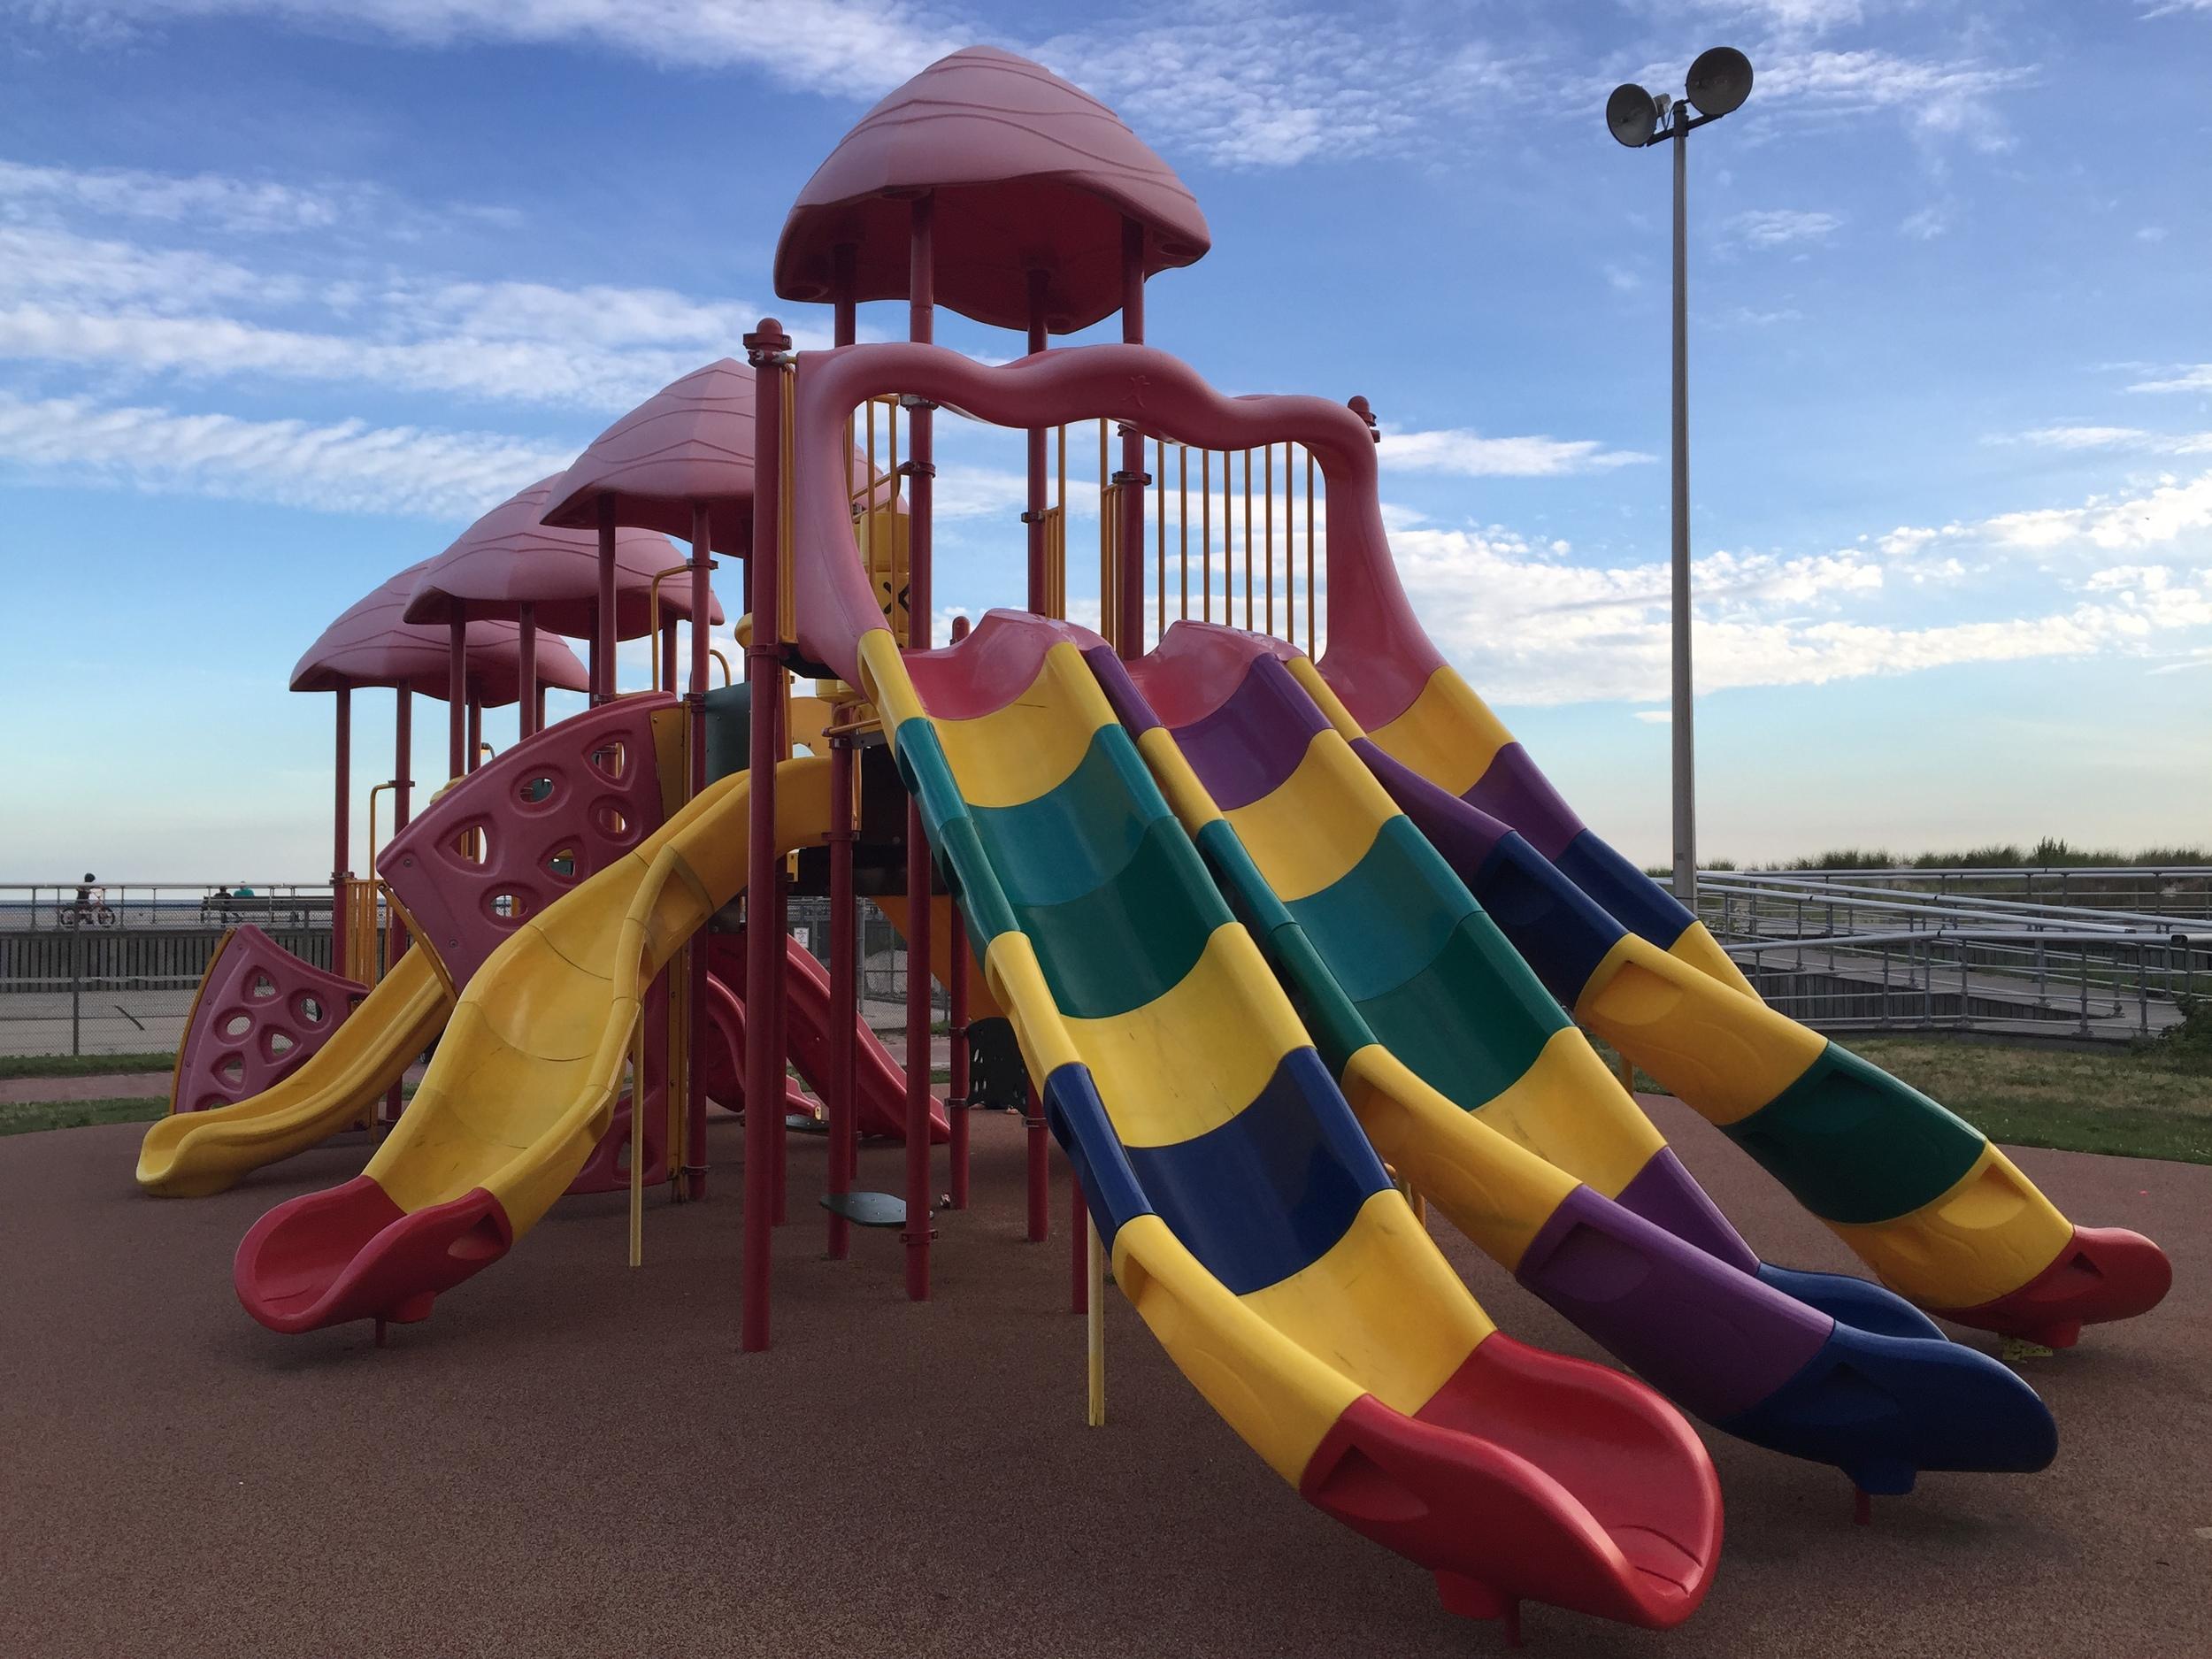 Big slides at Boardwalk Playground at Jones Beach